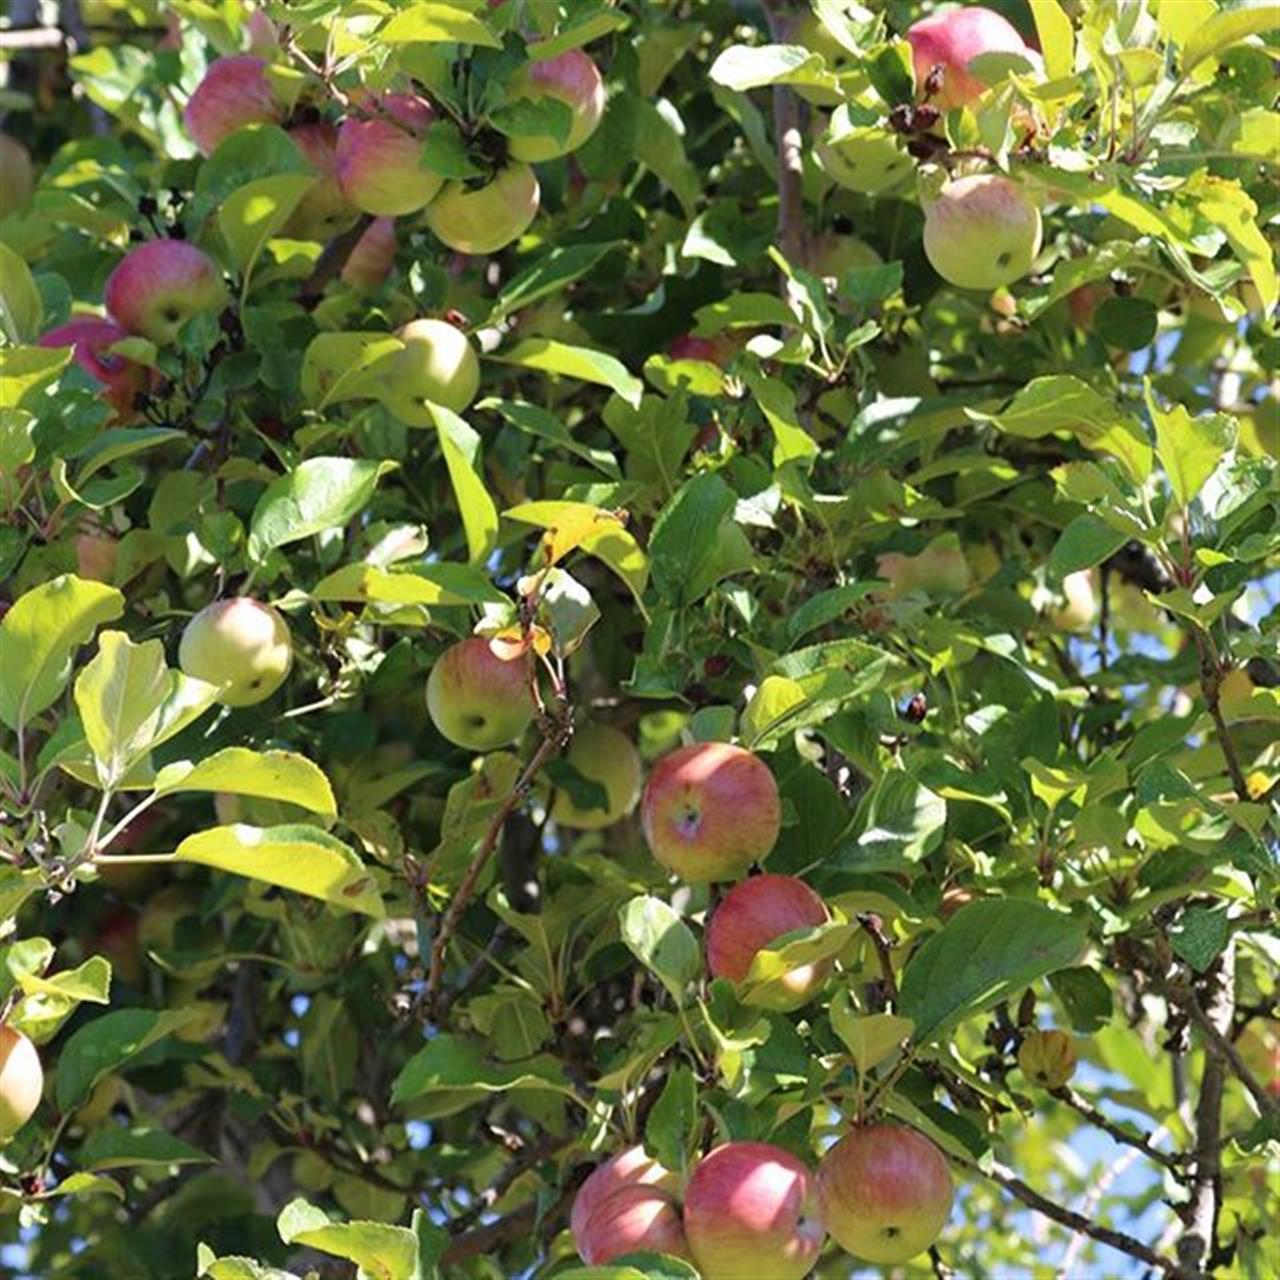 #stuartsapplefarm #appleorchard #autumn #apples #appletrees #trees #tree_magic #greenleaves #leaves #ExploreYourHood #LeadingRElocal #yourshot #itsamazingoutthere #upstateny #upick #itsthelittlethings